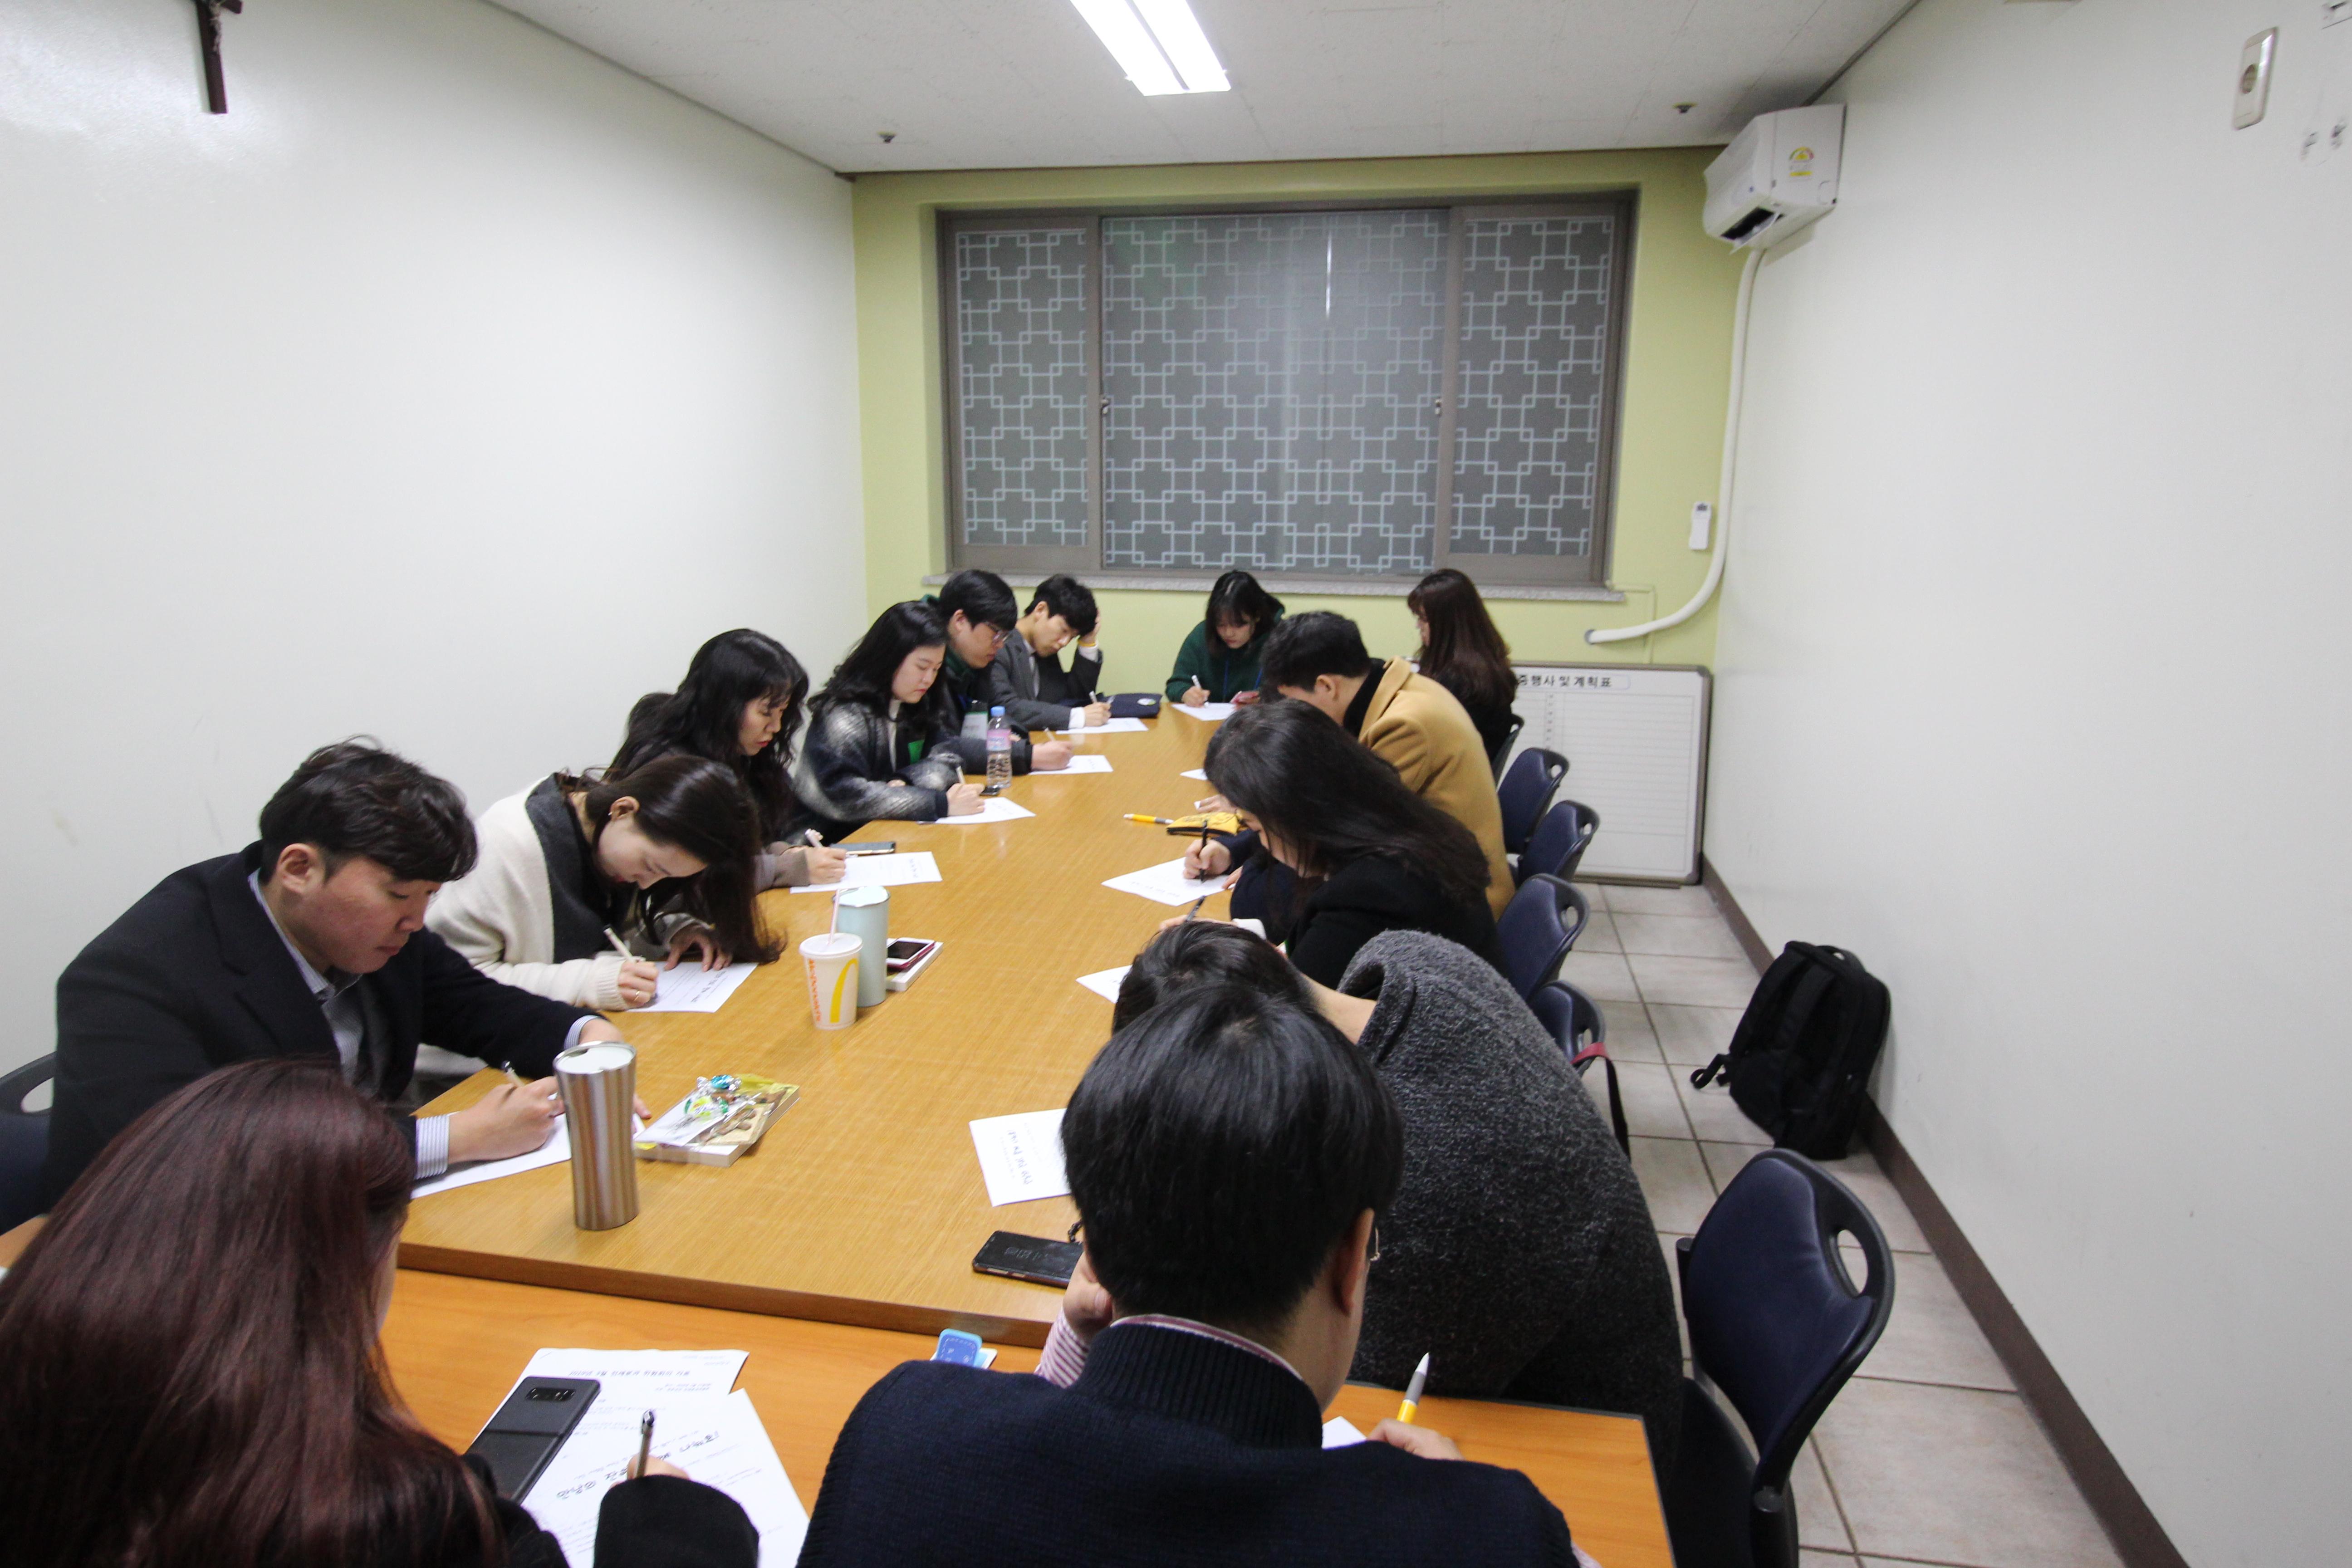 20190224_29번째 만남의잔치(6).JPG